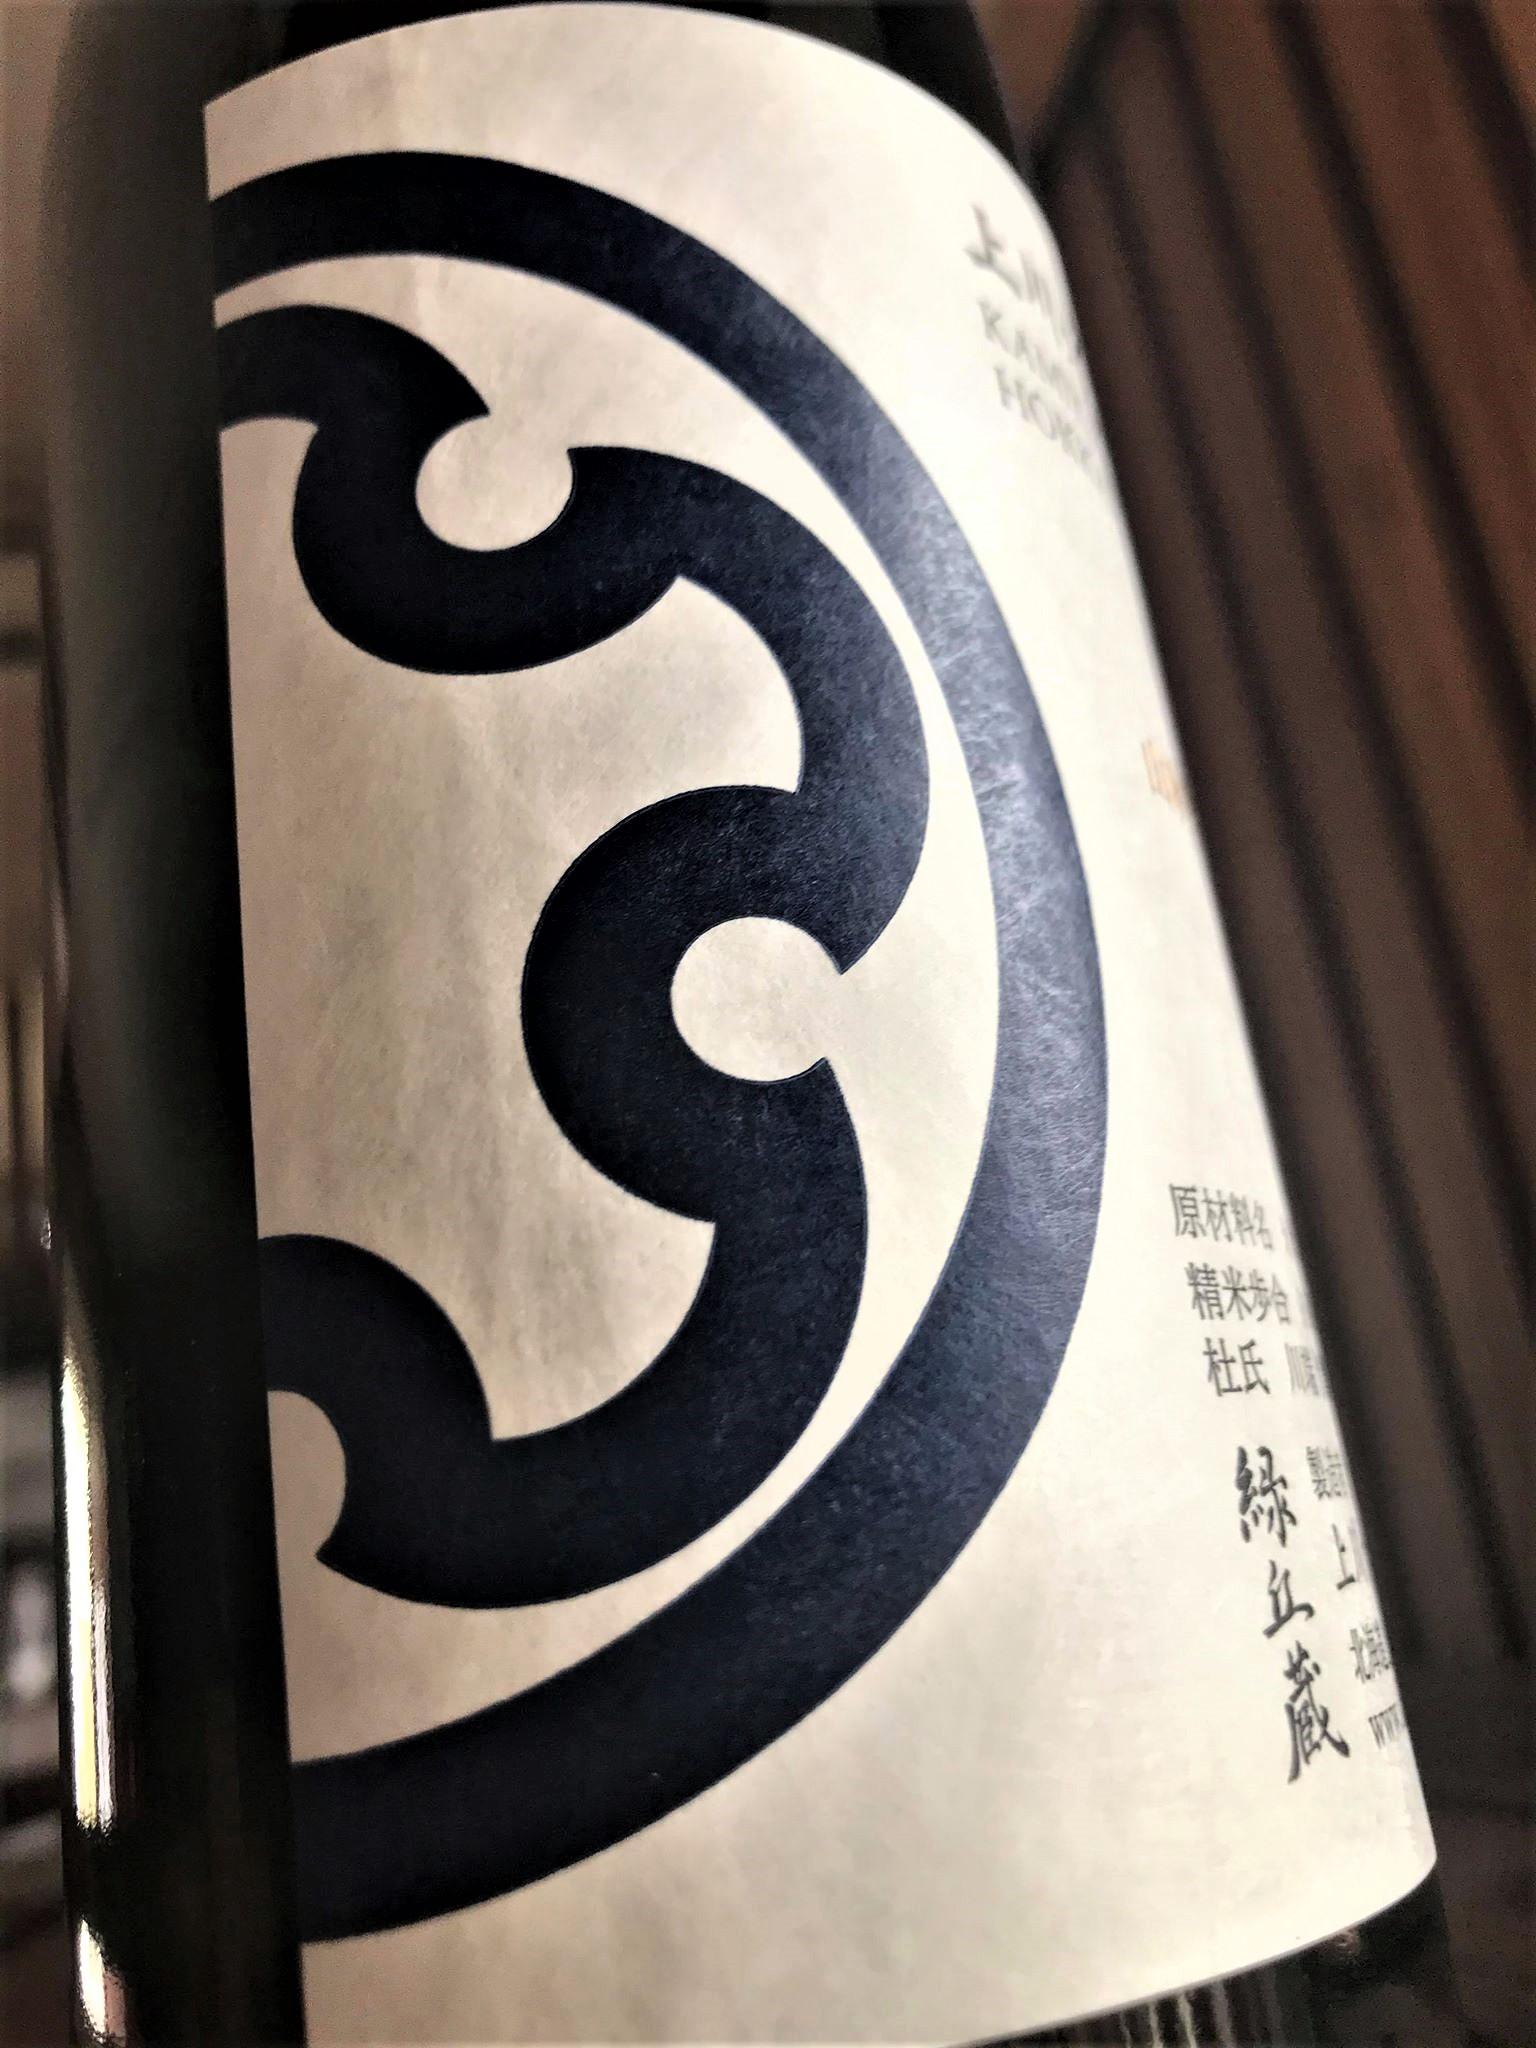 【日本酒】上川大雪⭐特別編『山廃酛』特別純米 無濾過生原酒 特別限定蔵出し 令和1BY🆕_e0173738_13131682.jpg